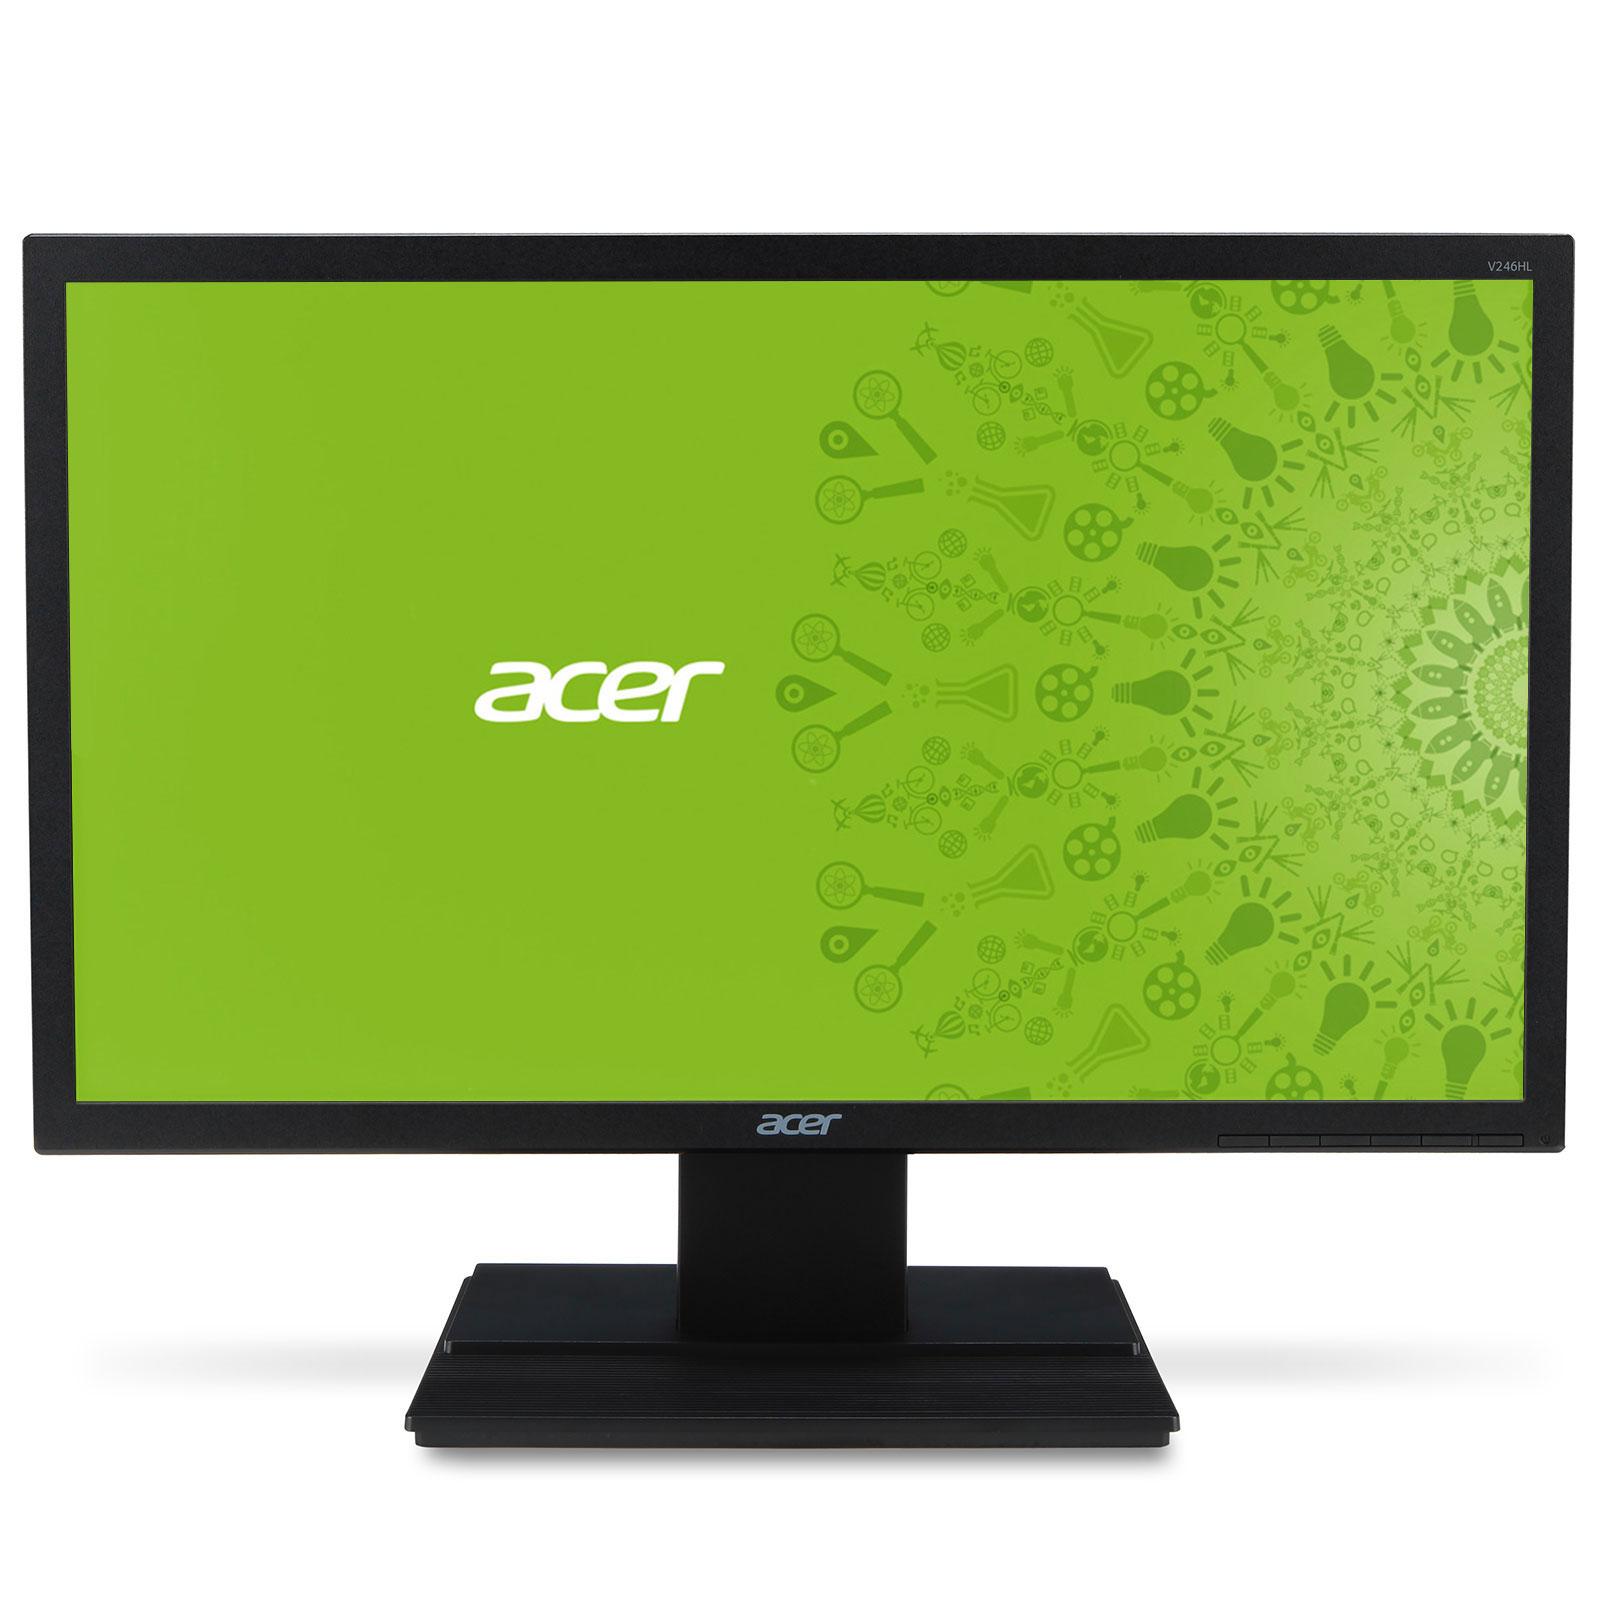 acer 24 led v246hlbid ecran pc acer sur ldlc. Black Bedroom Furniture Sets. Home Design Ideas